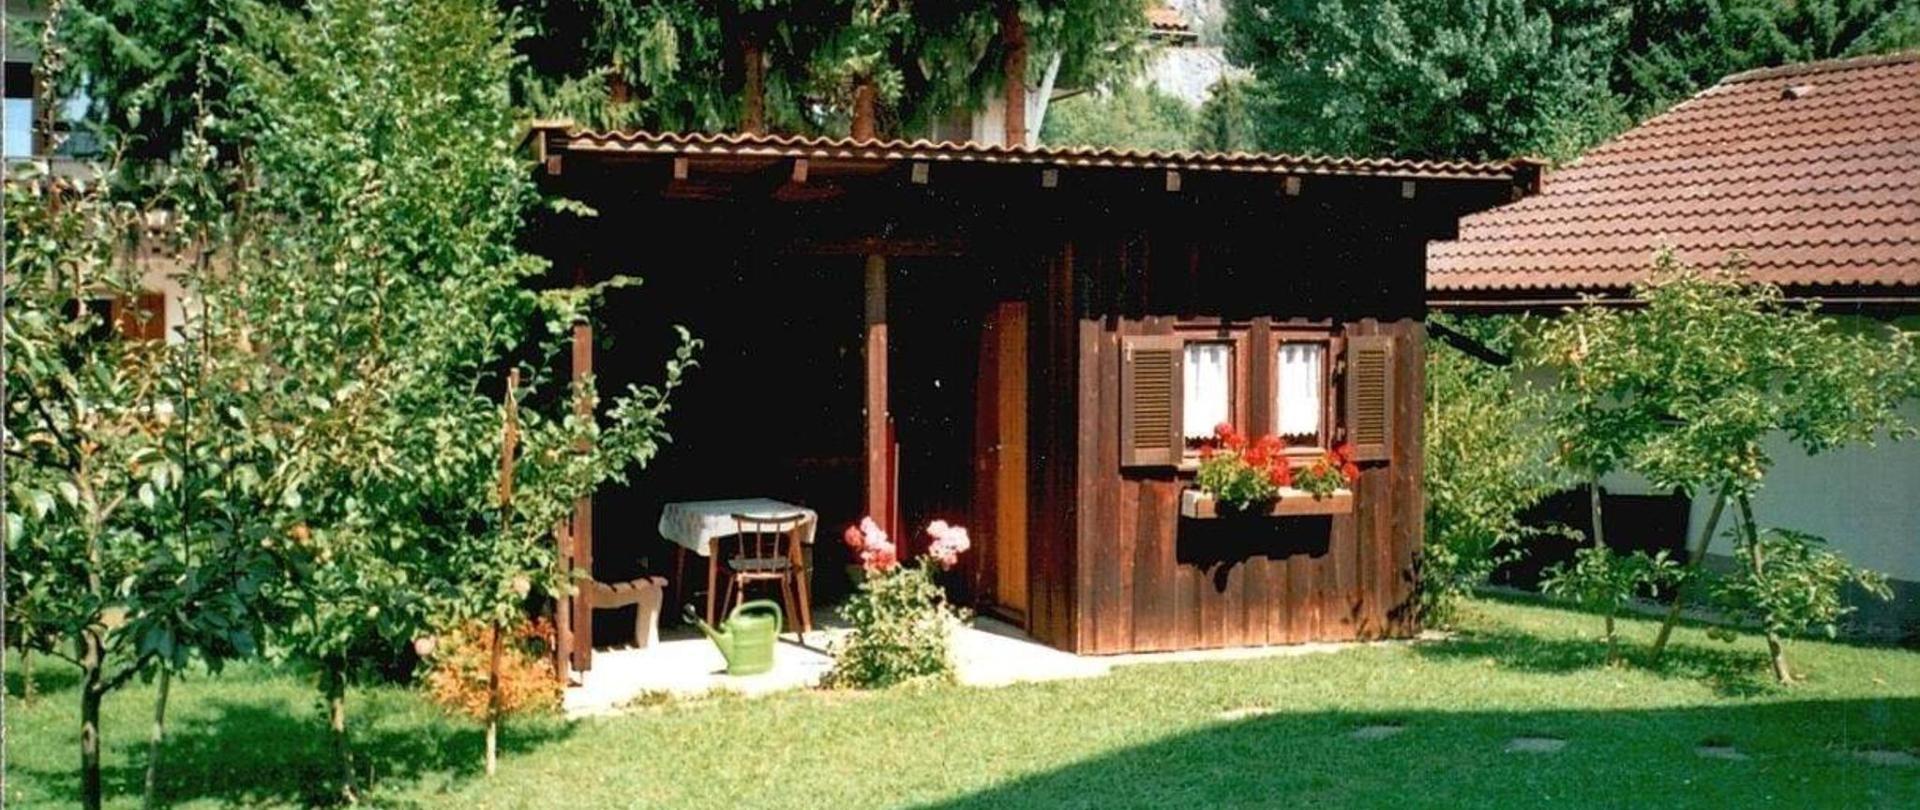 Gartenhaus mit Grill